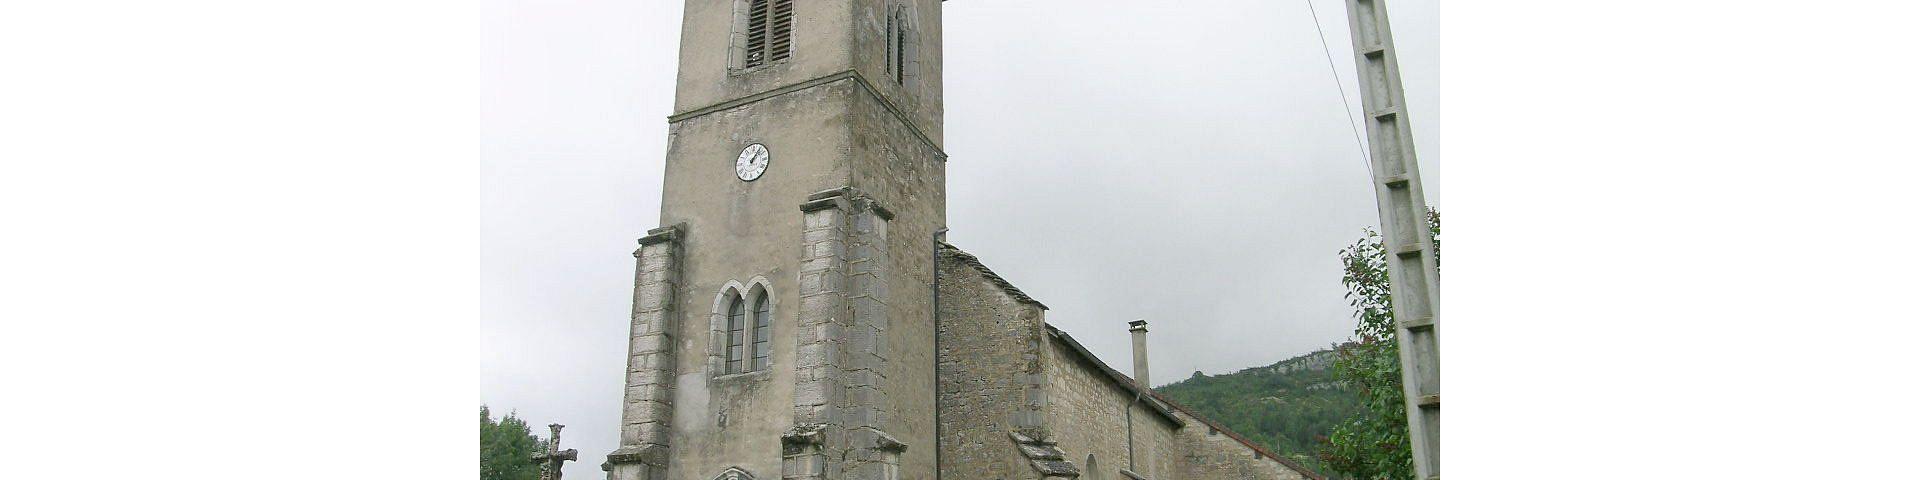 Fétigny - Eglise (39)